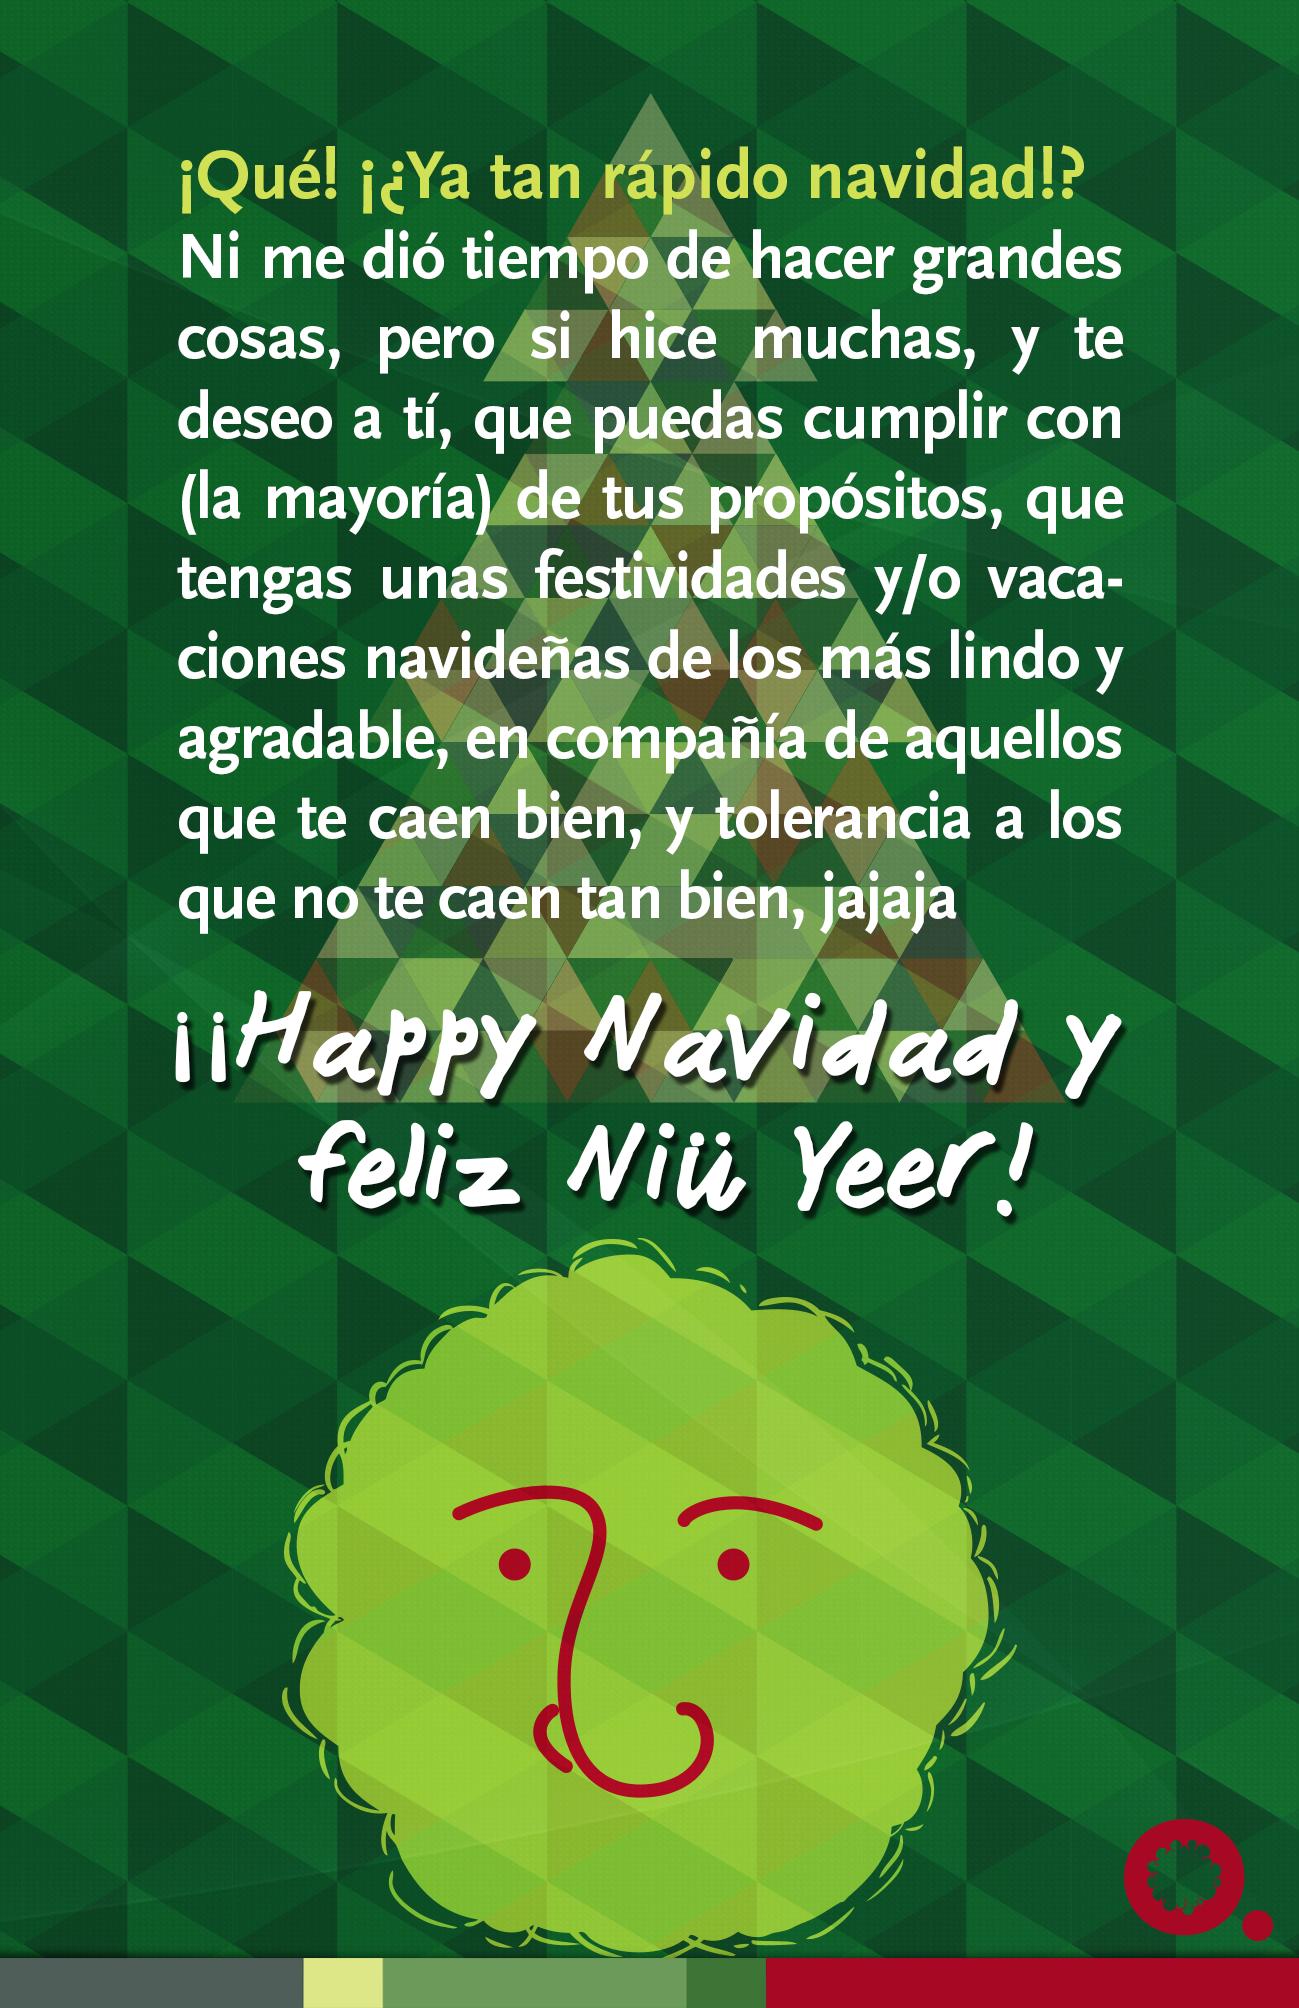 Feliz Noche Buena y Feliz Navidad | Personal | Pinterest | Feliz ...